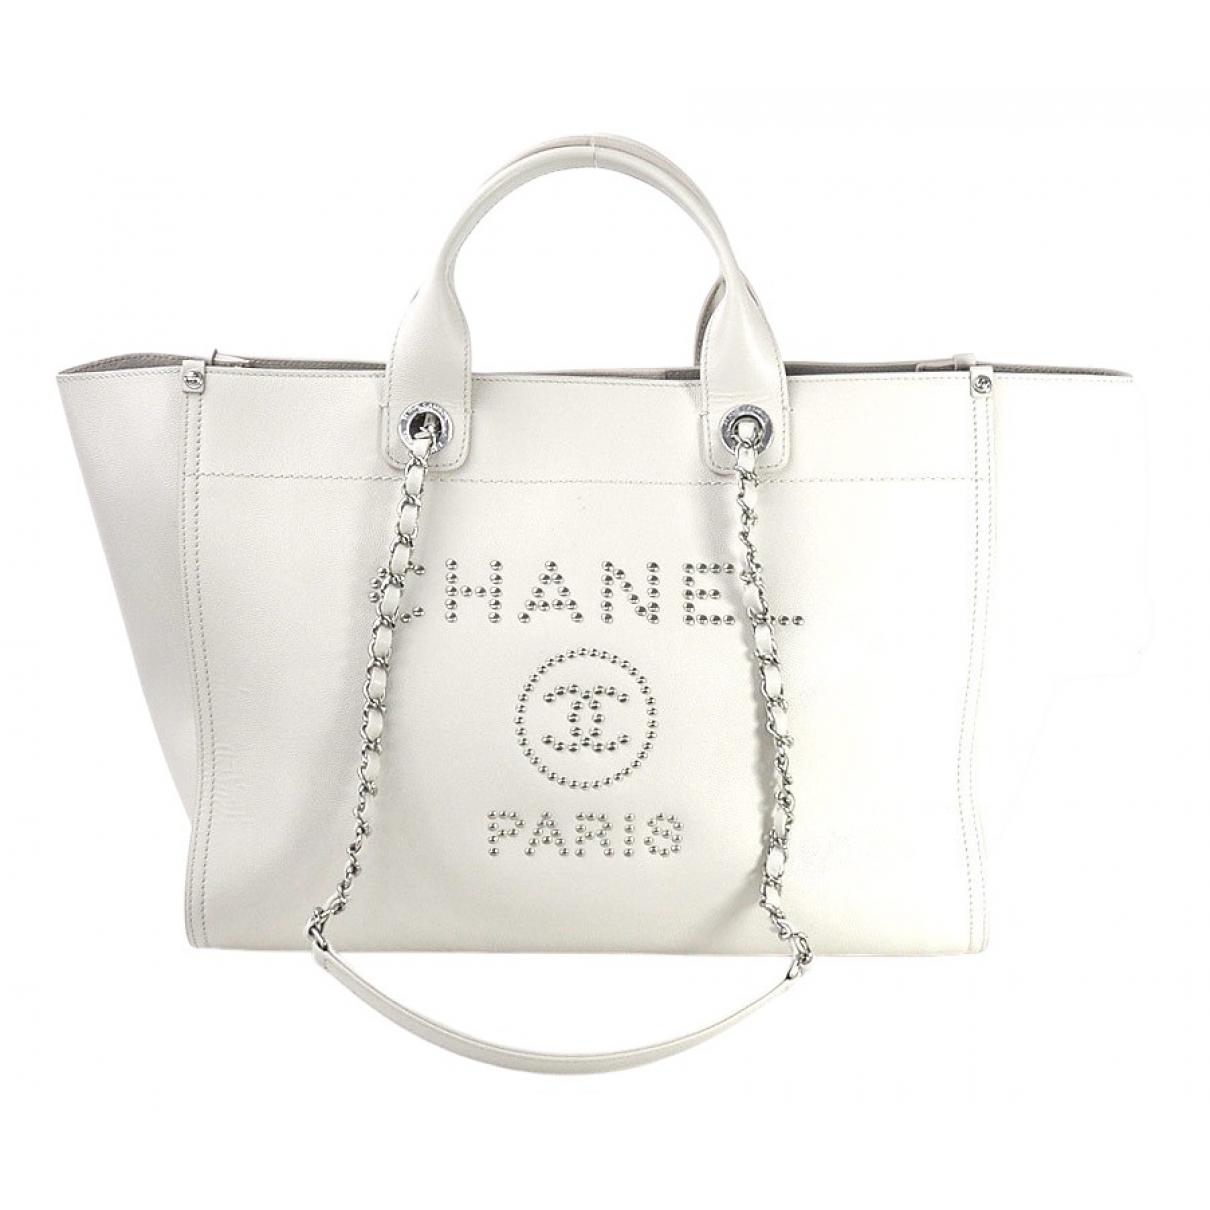 Chanel - Sac a main Deauville pour femme en cuir - blanc